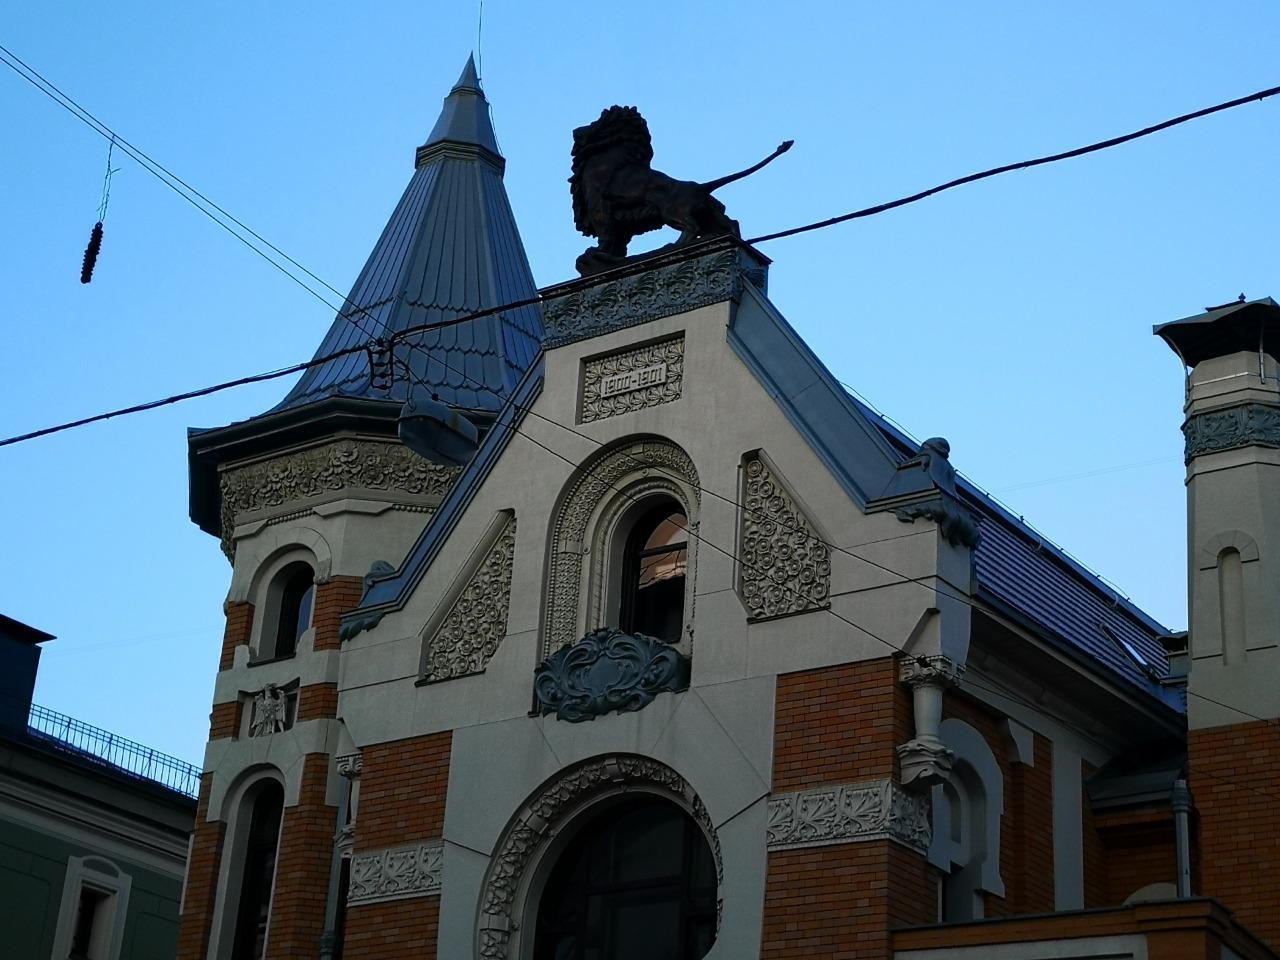 В поисках модерна по Остоженке и переулкам - индивидуальная экскурсия по Москве от опытного гида